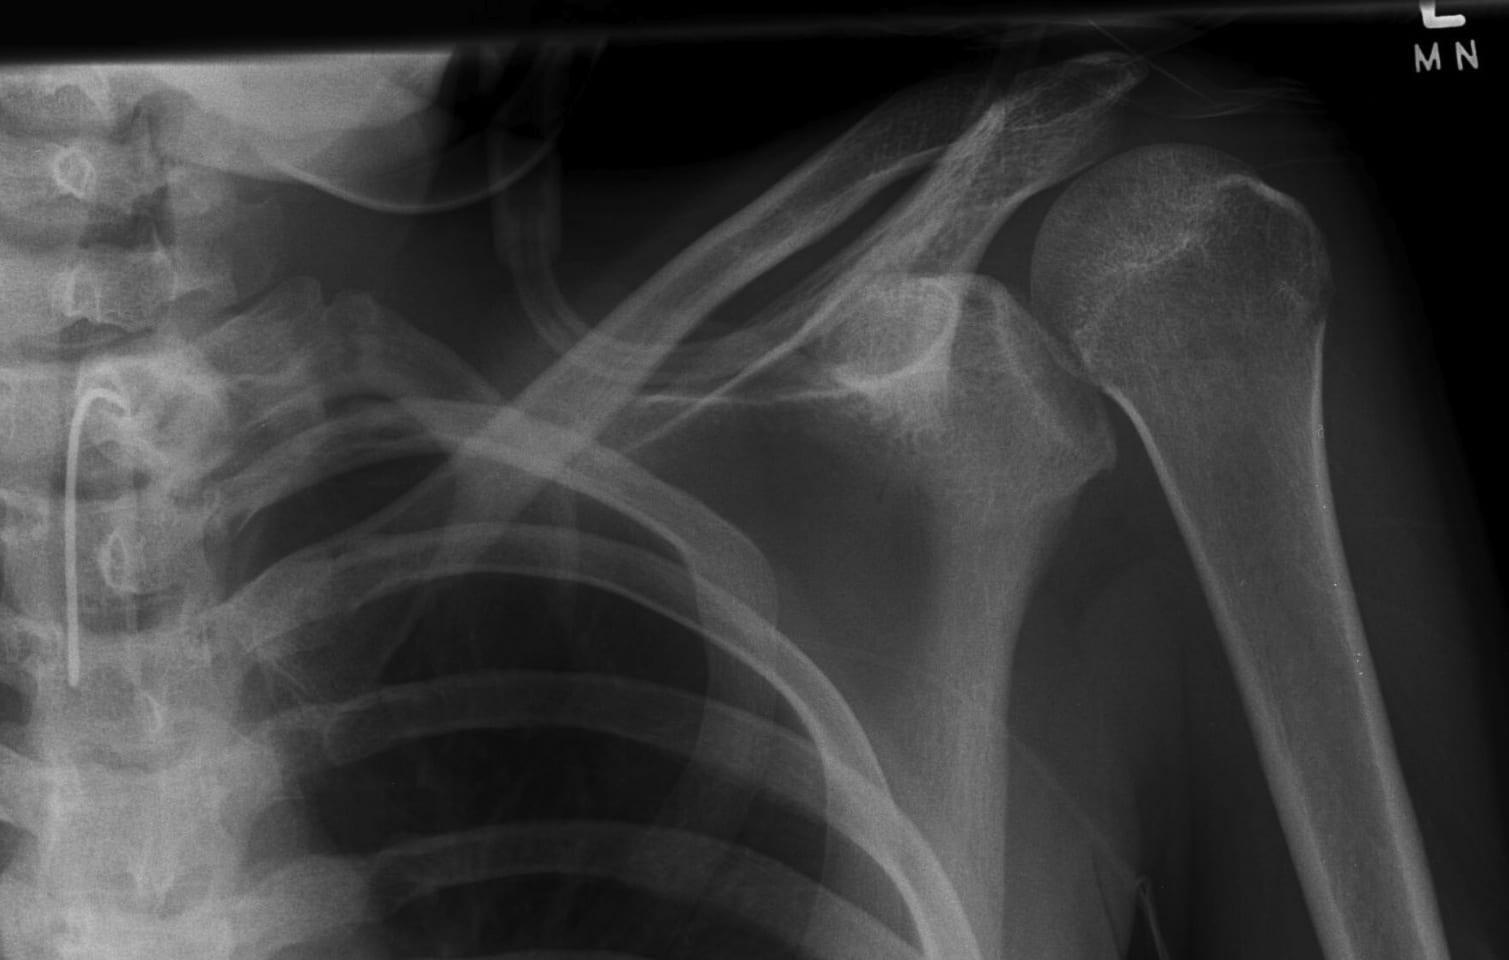 posterior shoulder dislocation Missed Left